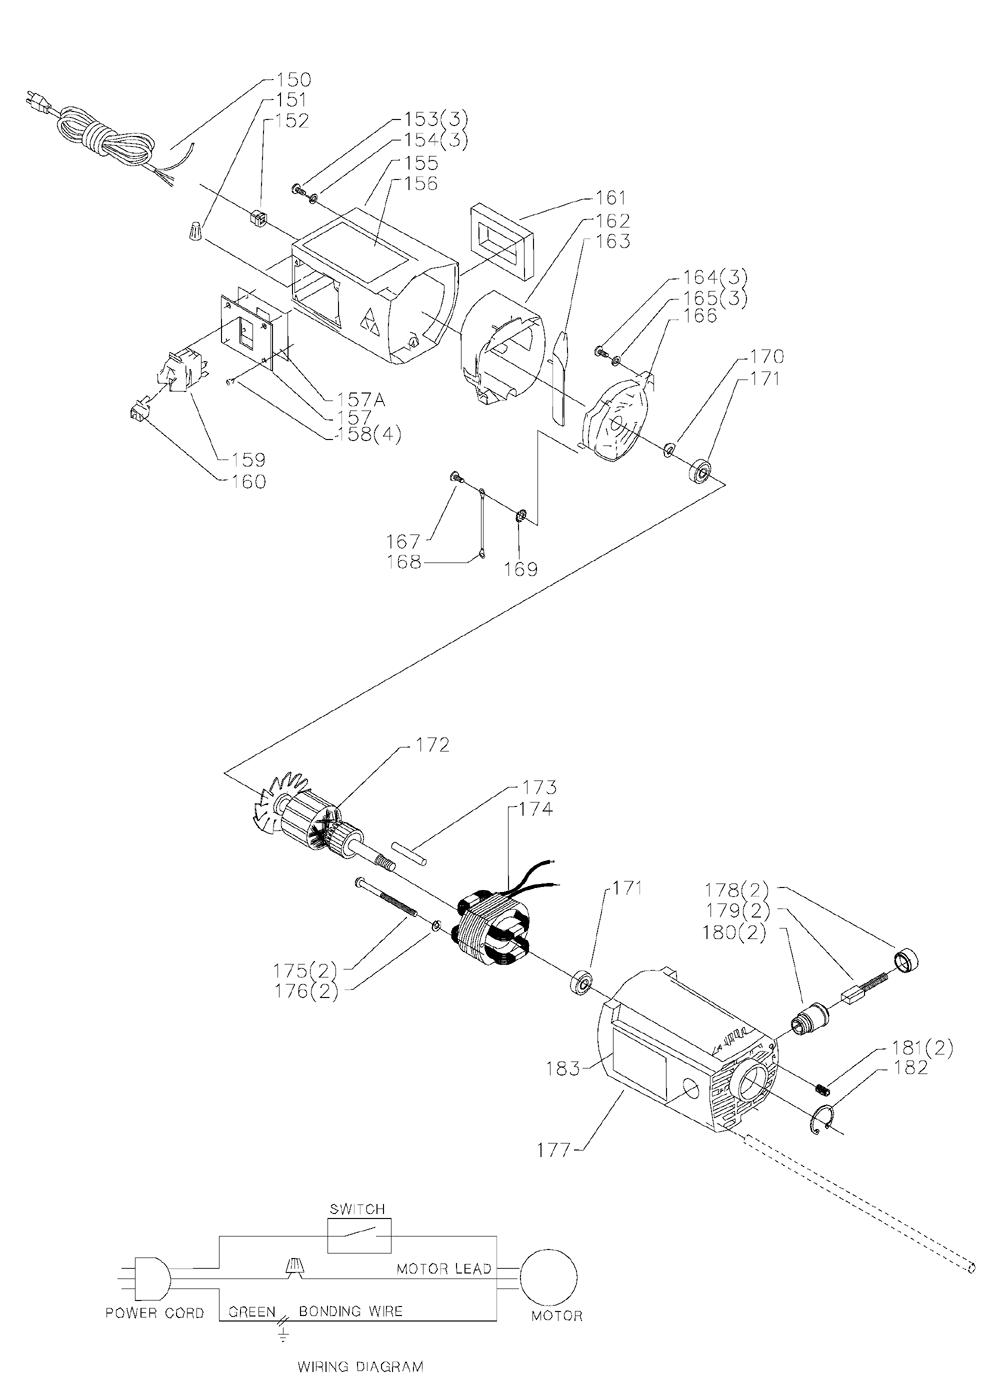 TP305-Delta-T1-PB-1Break Down